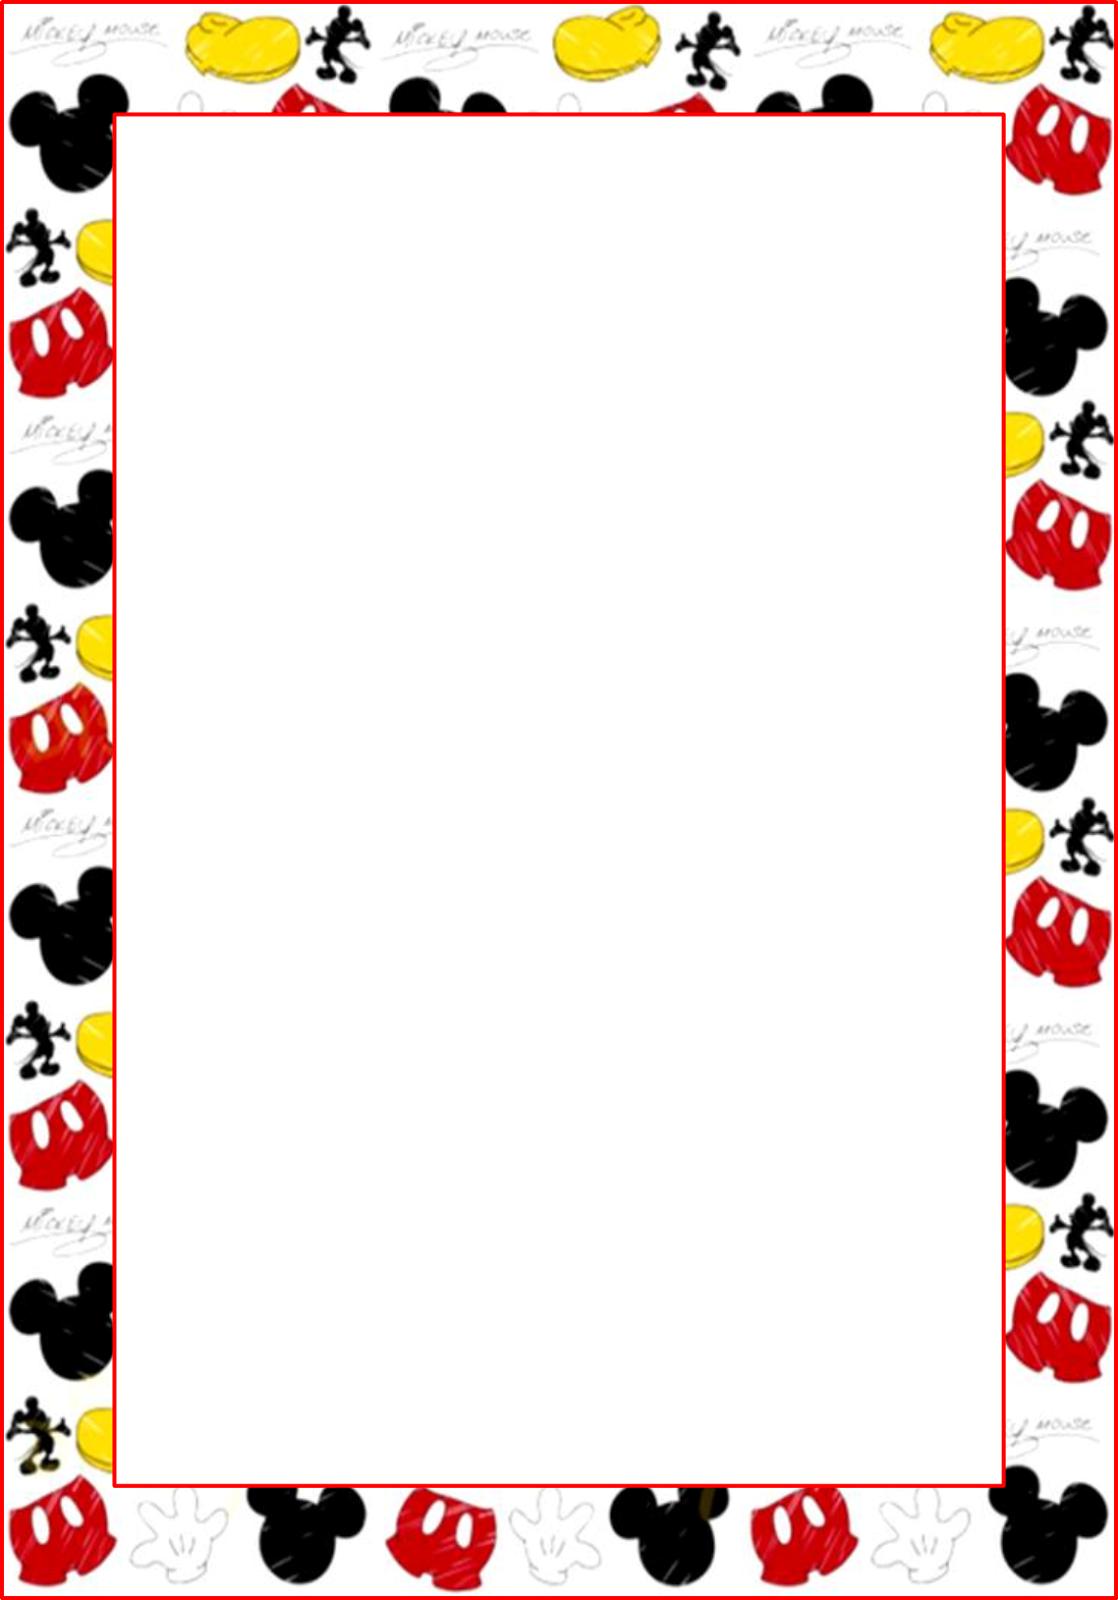 Marcos, Invitaciones, Tarjetas o Etiquetas de Mickey Mouse.